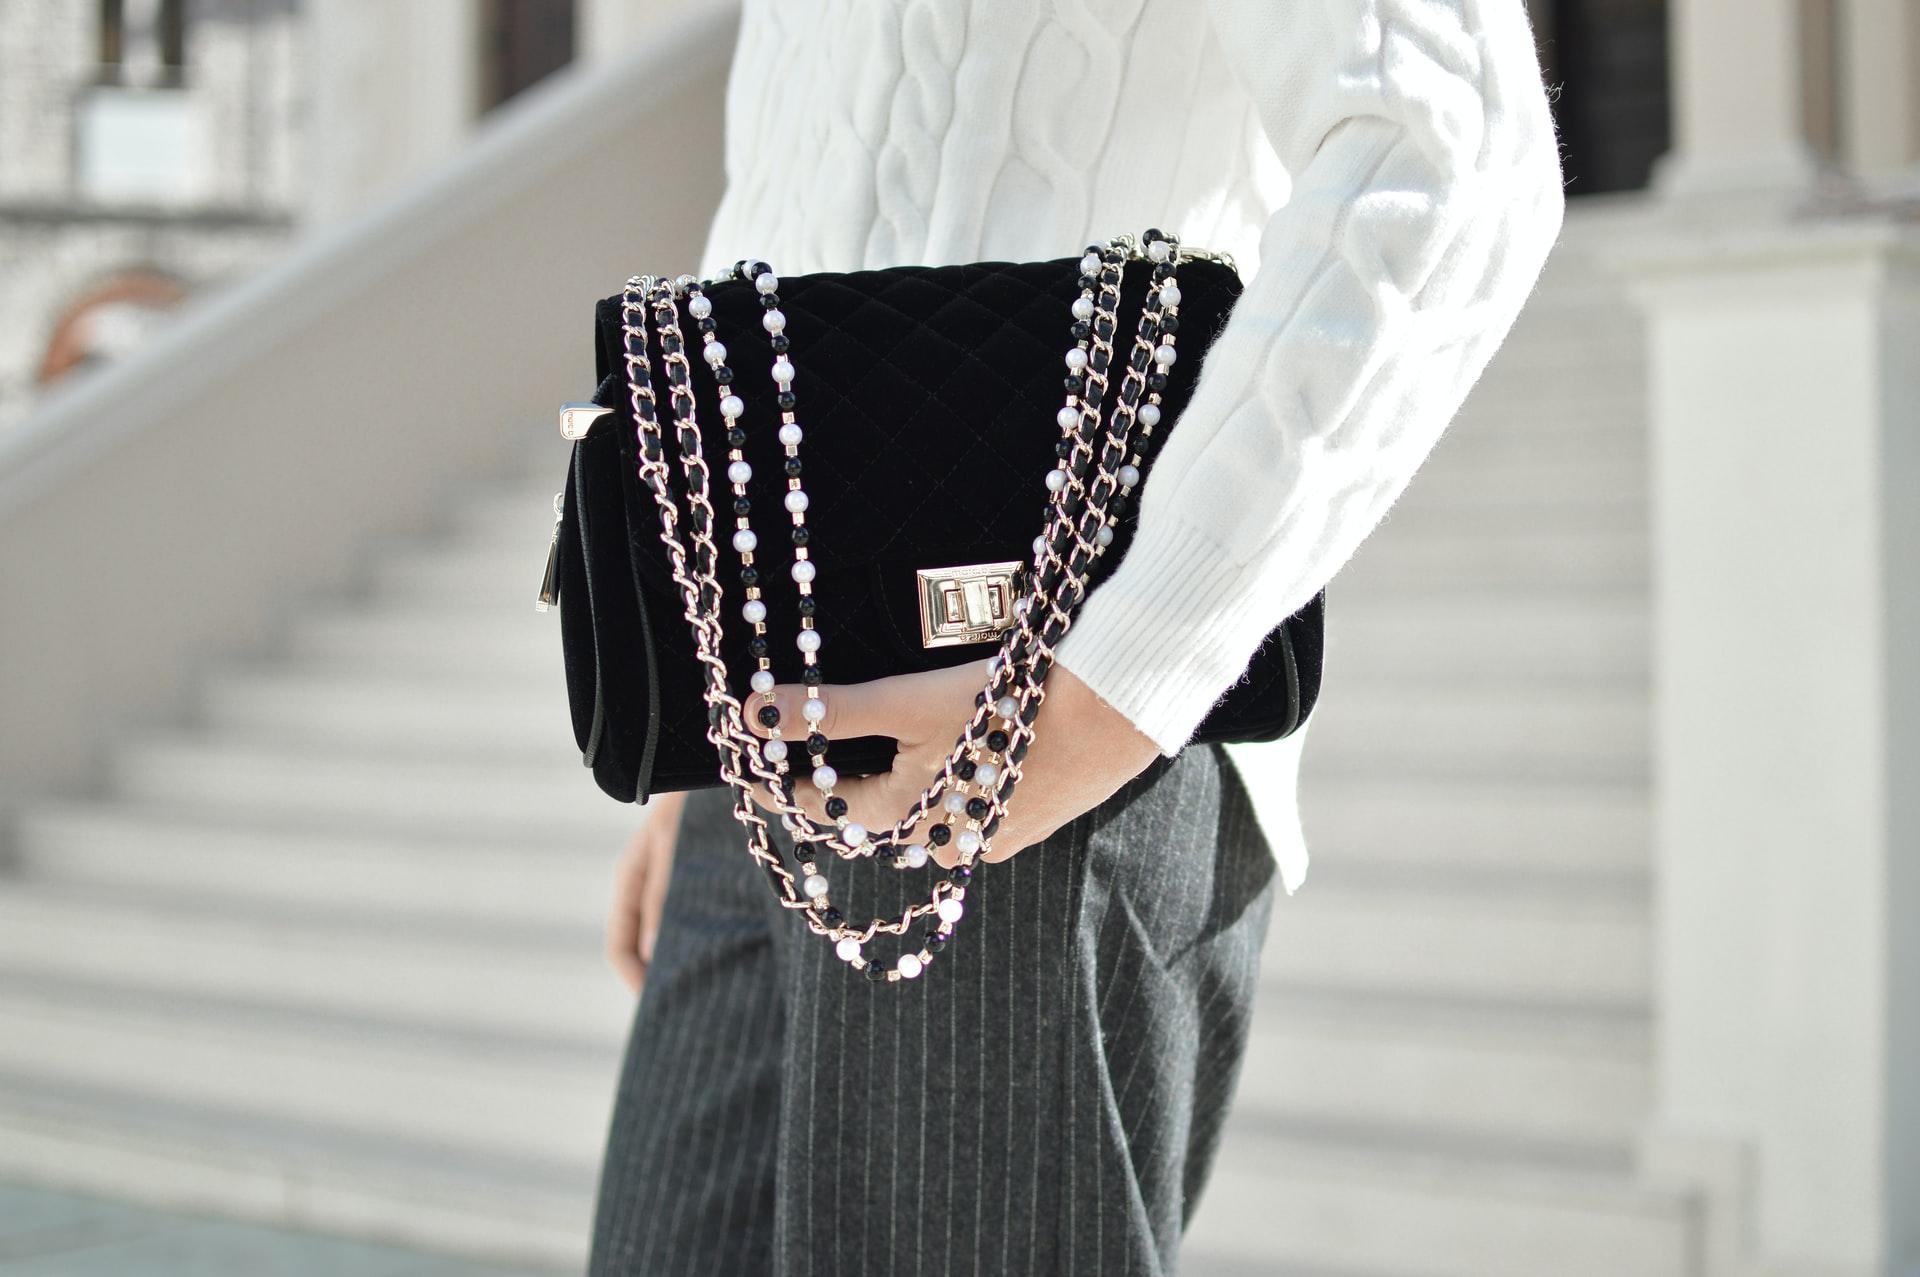 Kobieta trzyma torebkę